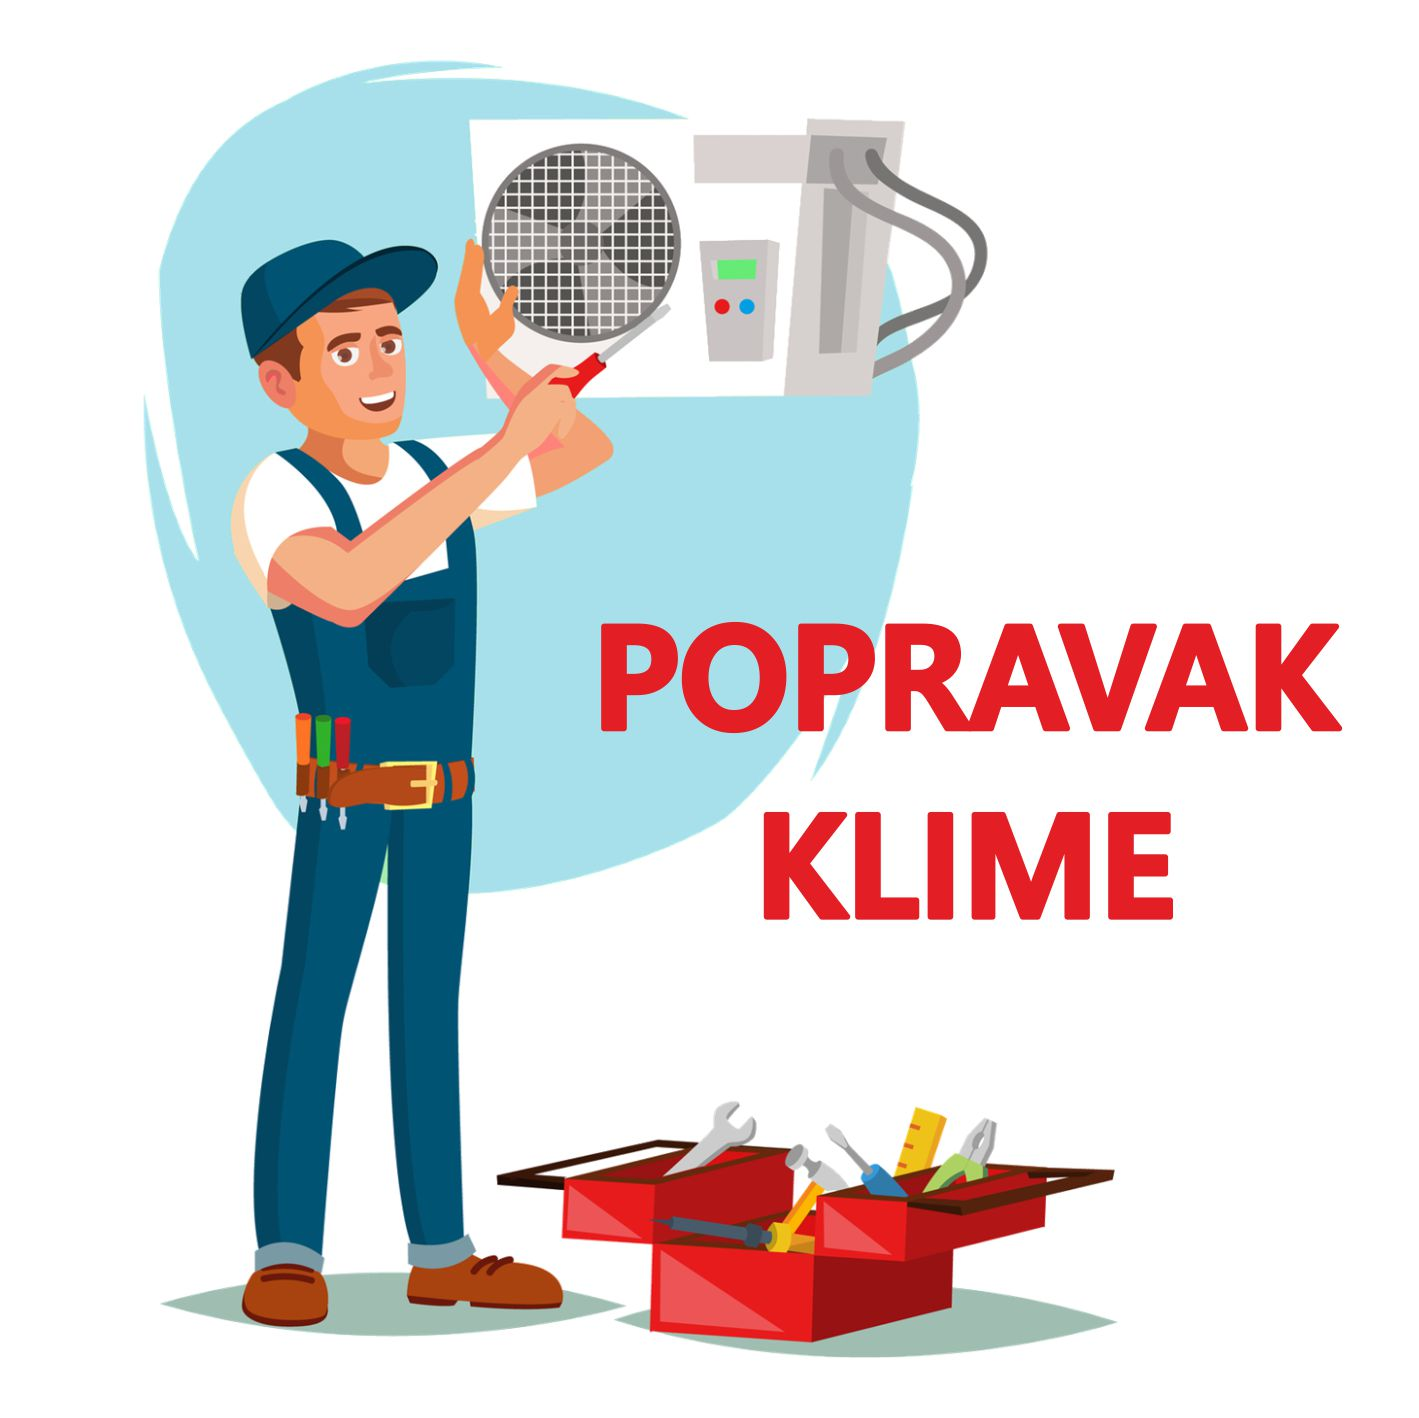 HITNA INTERVENCIJA - DOLAZAK I RAD SERVISERA UNUTAR 24 SATA